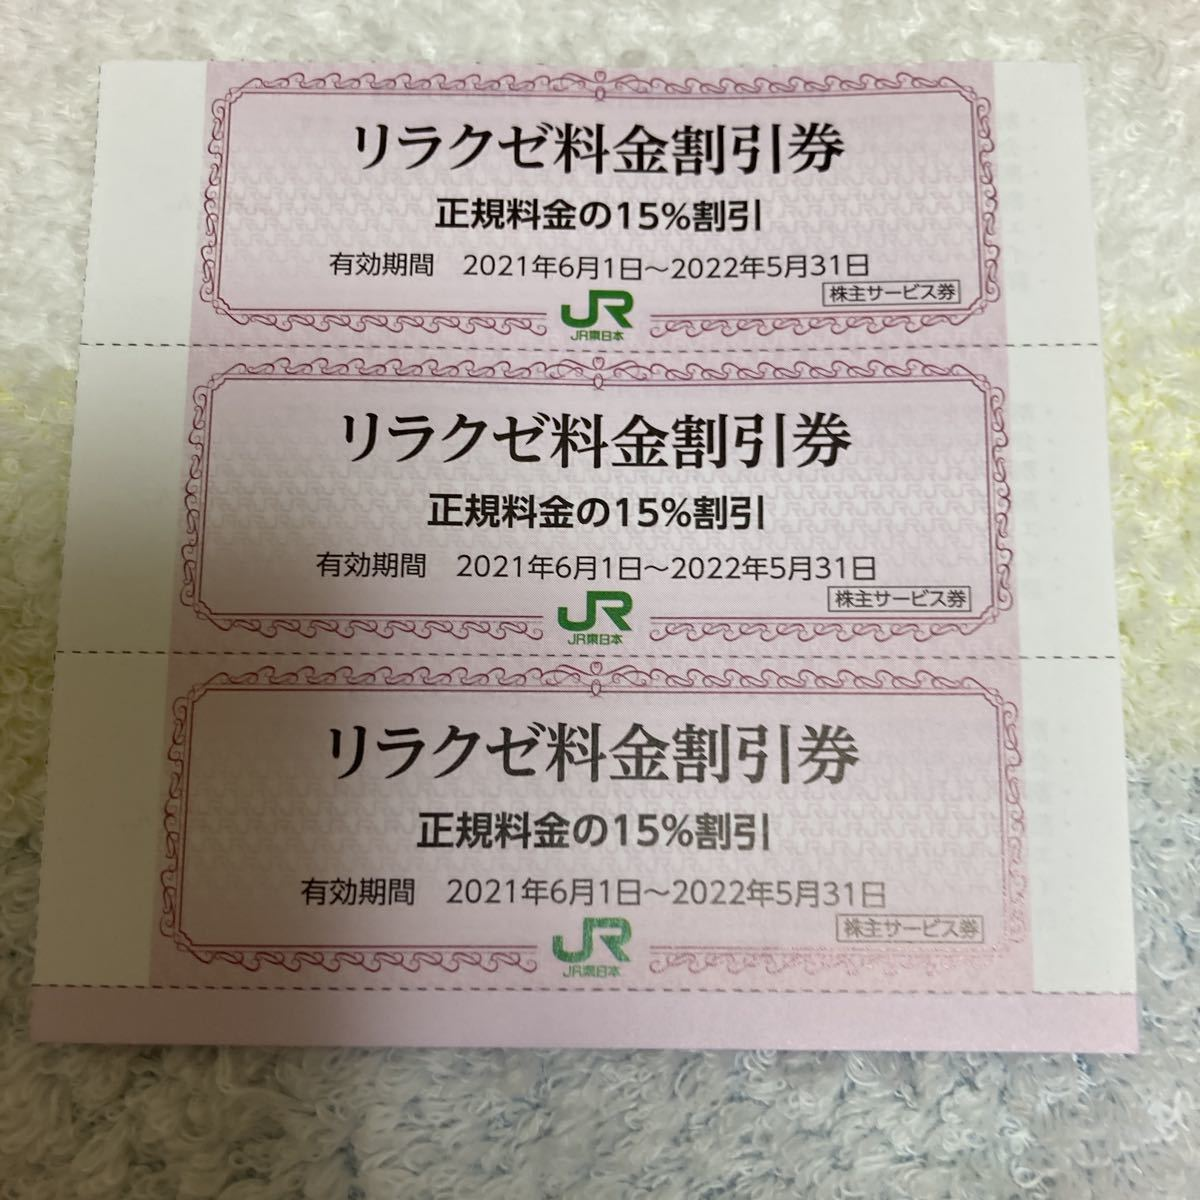 即決! JR東日本株主優待◆リラクゼ料金割引券3枚◆2022年5月31日まで◆送料63円_画像1